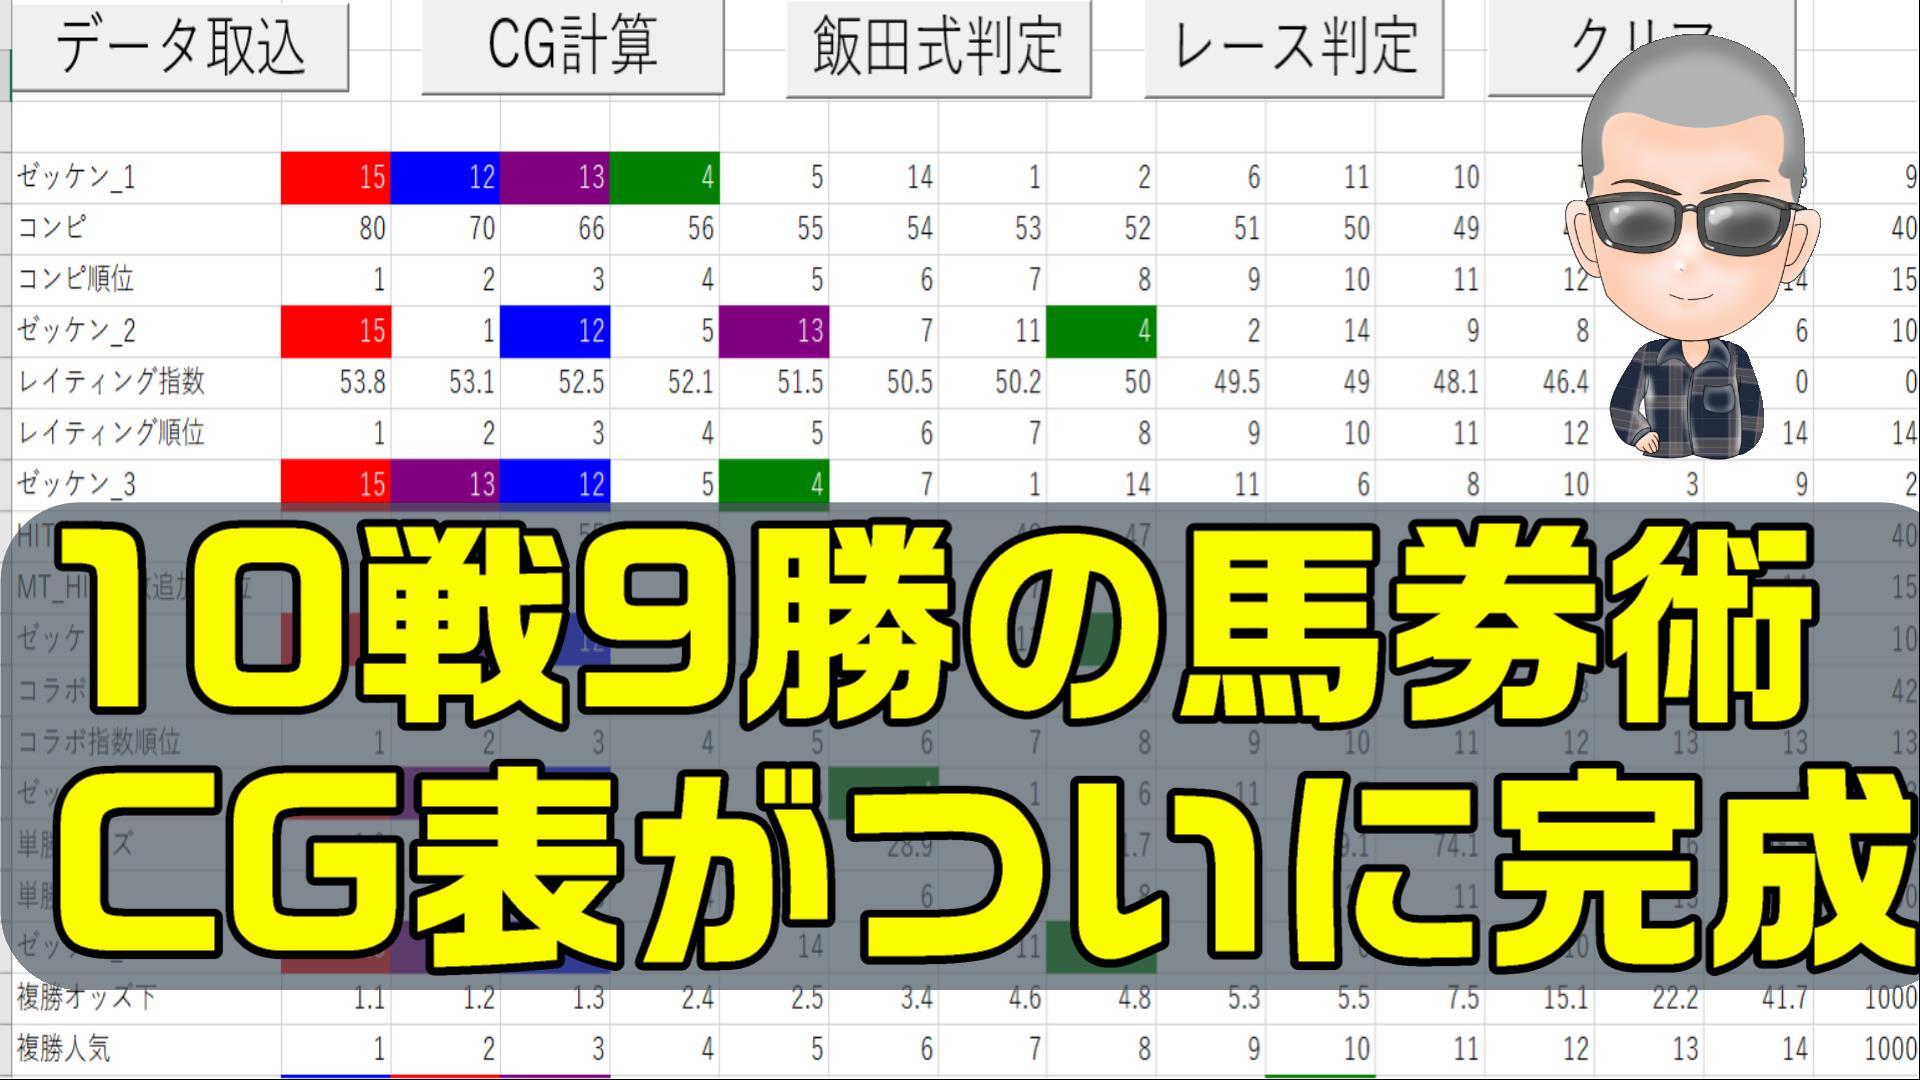 【競馬 データ分析】荒れるレースは、CG表で判定する